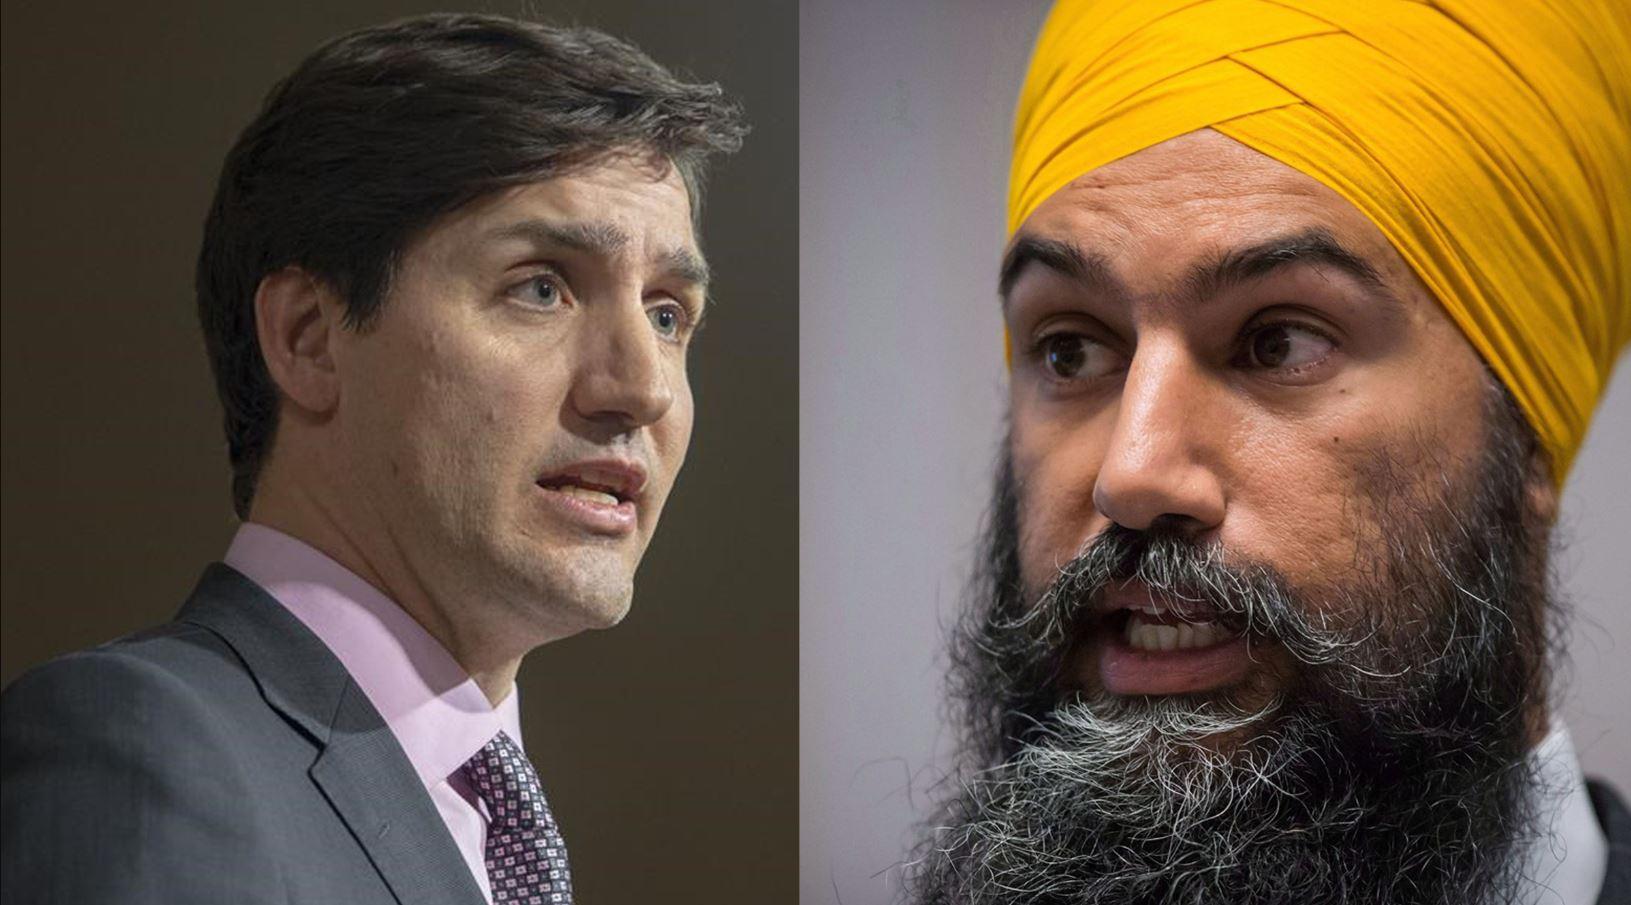 क्या सिखों के बलबूते कनाडा में बन पाएगी ट्रूडो की सरकार ?